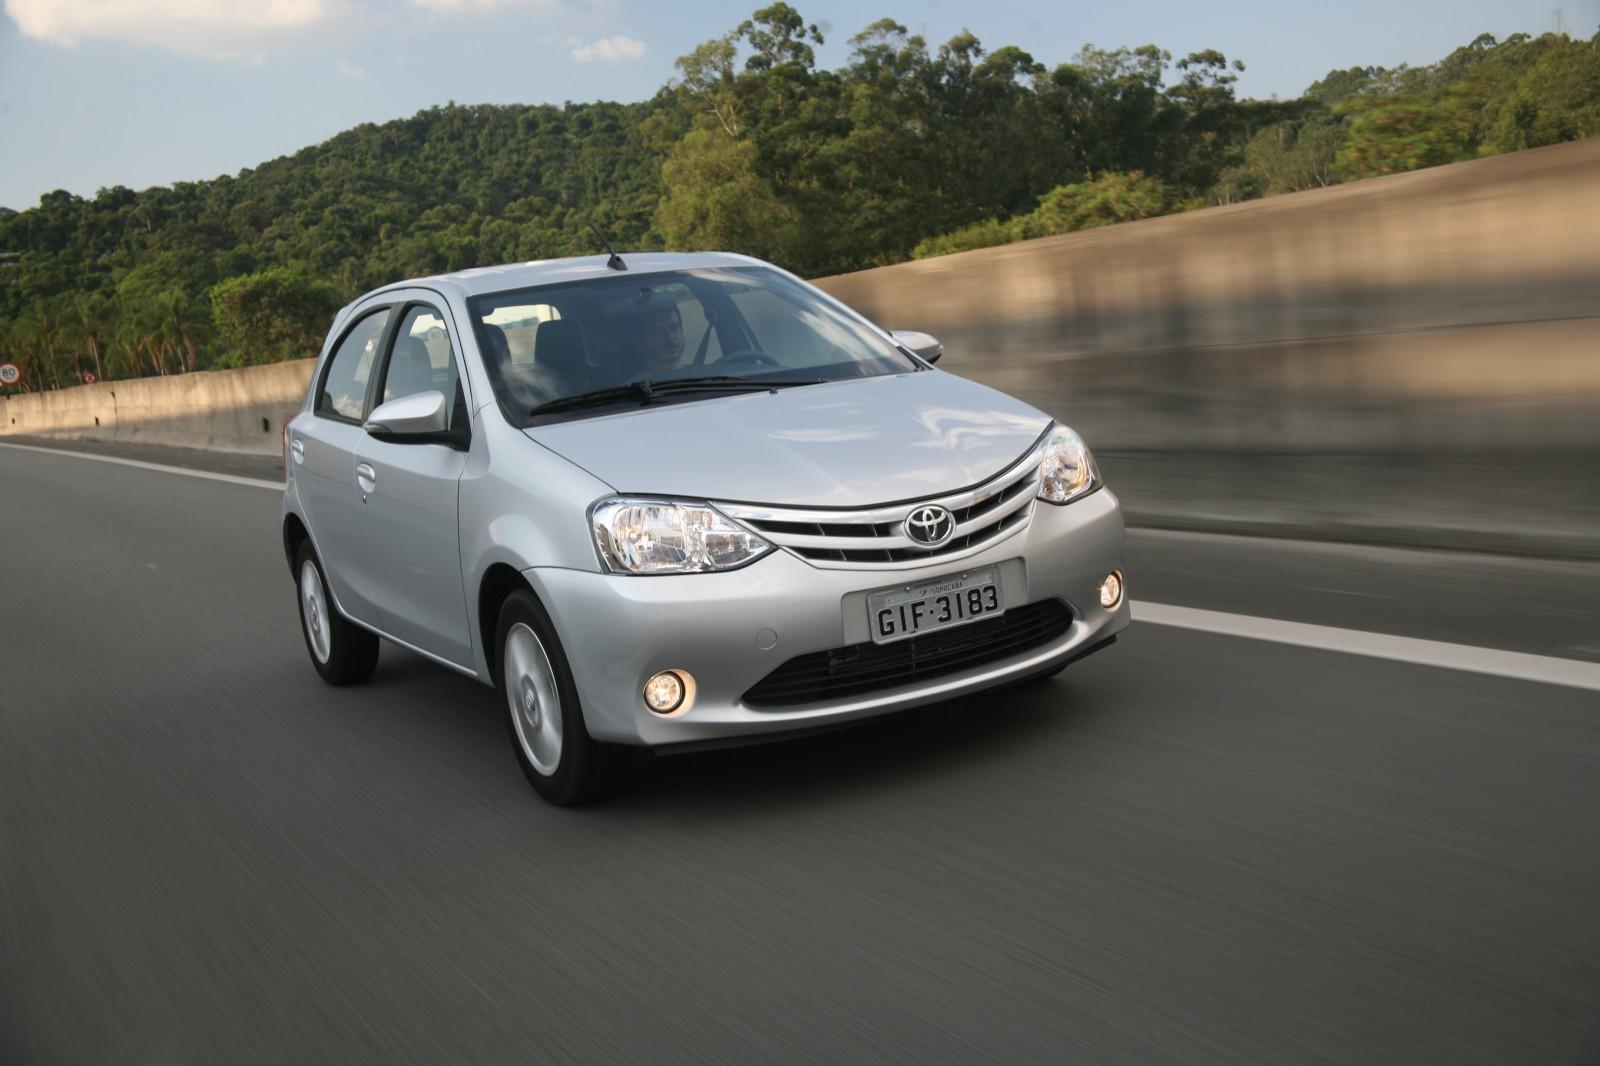 Buscar Carros Baratos >> Os Dez Carros Automaticos Mais Baratos Do Brasil Veja A Lista